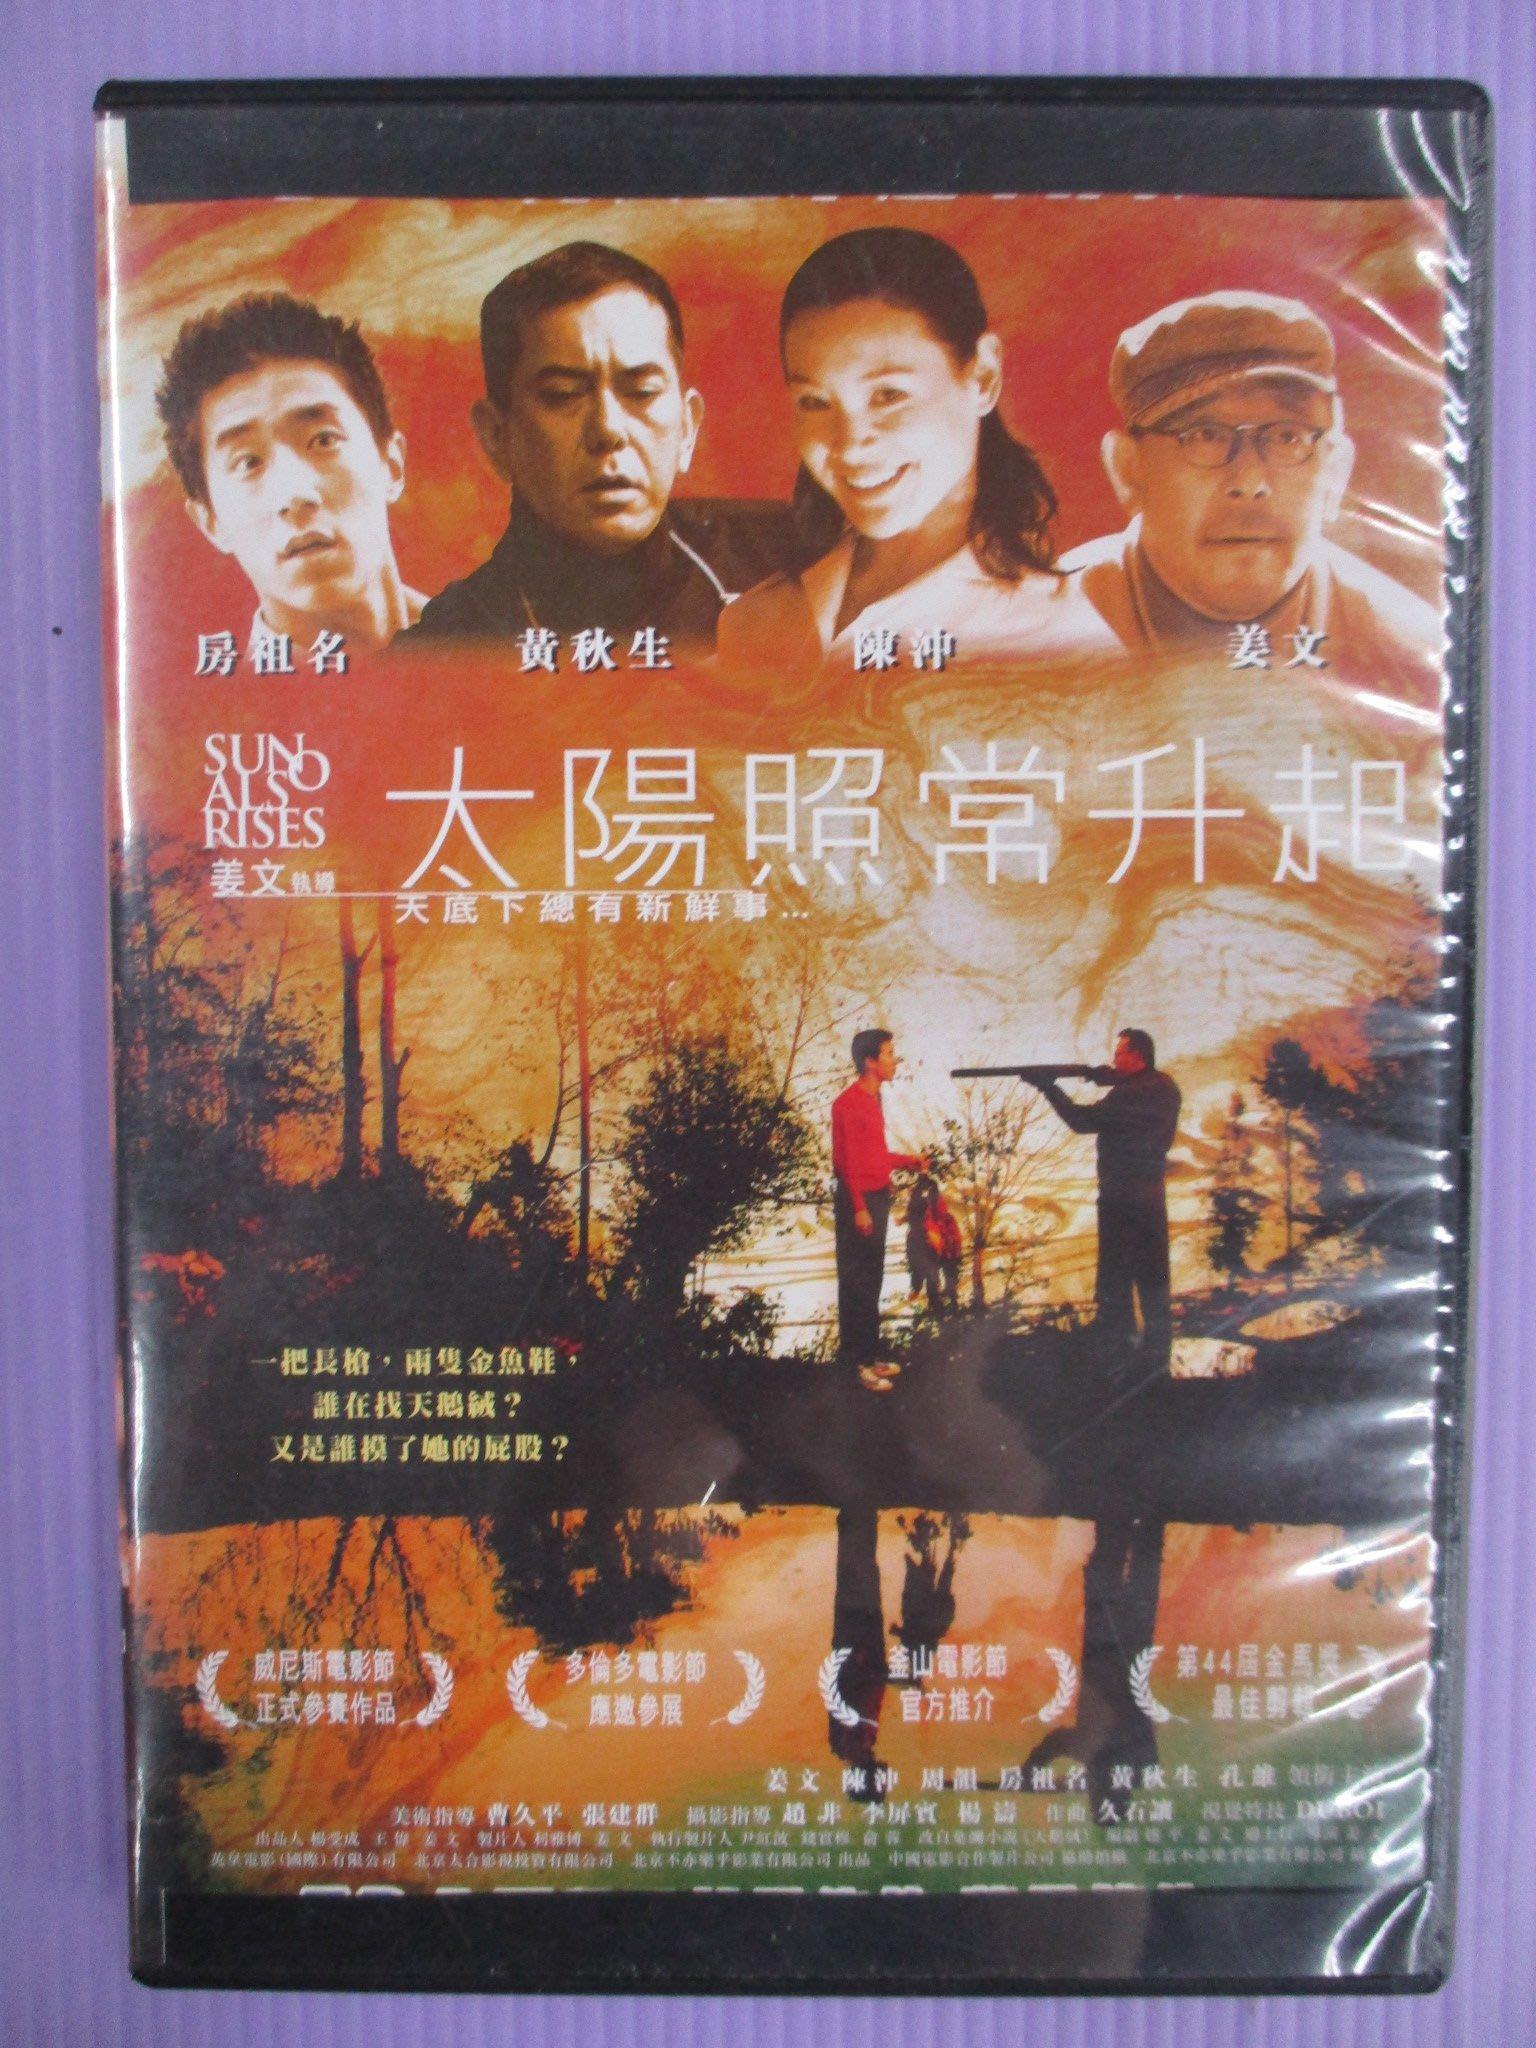 【大謙】《 太陽照常升起 ~第44屆金馬獎最佳剪輯 》 台灣正版二手DVD